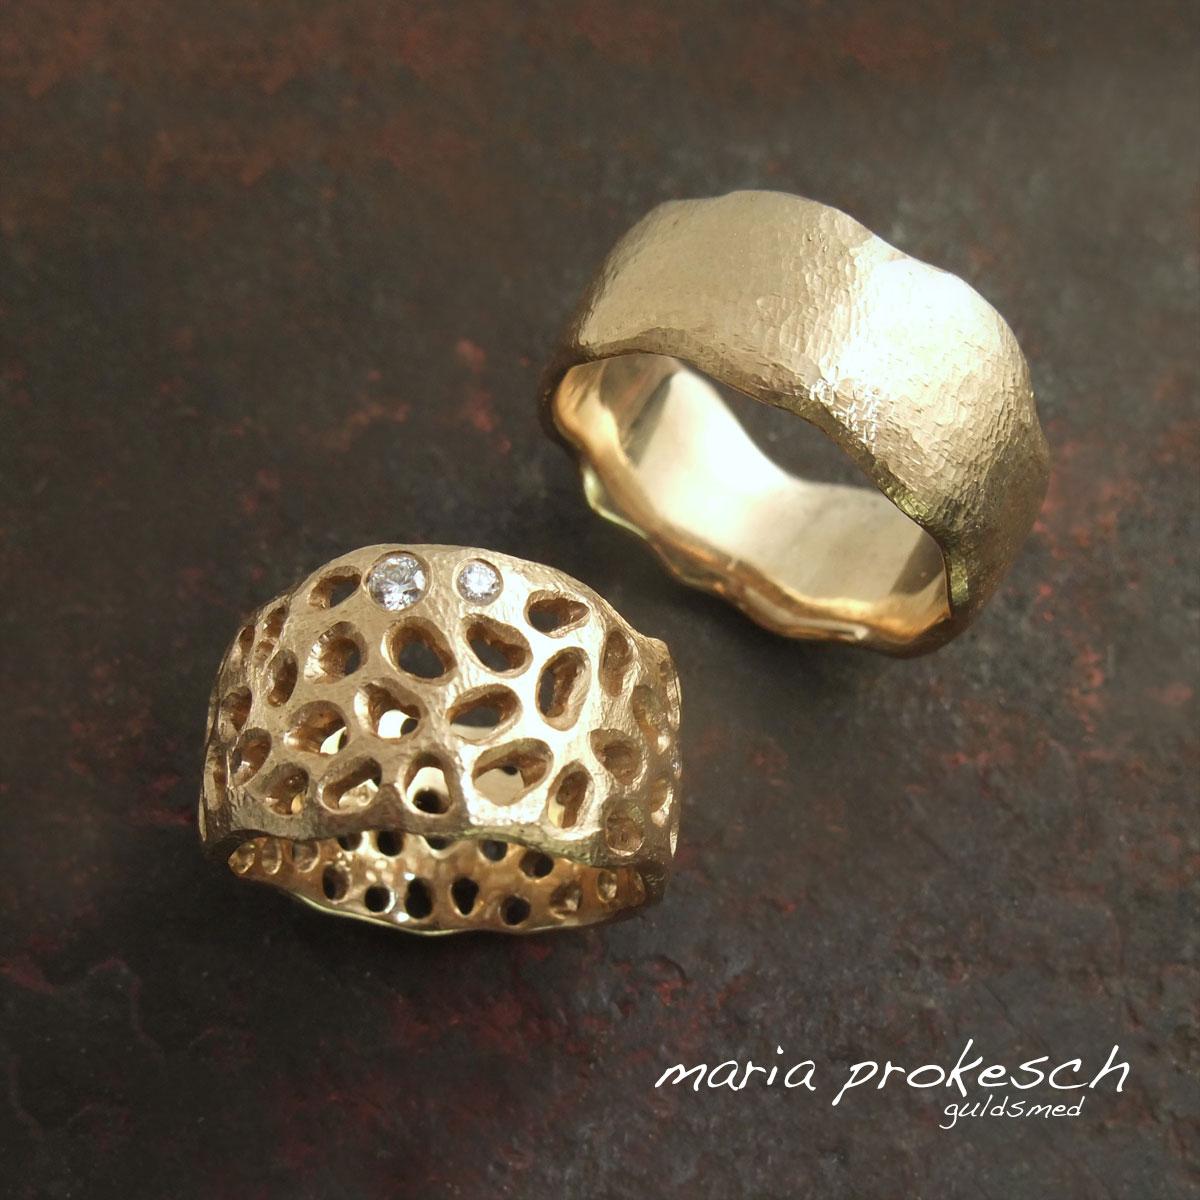 Forlovelsesringe i guld der kan bruges som vielsesringe. Rustikke og håndlavet med tilfældige bølgede sider og udsavninger på hendes. Gedigne og lækker kvalitet